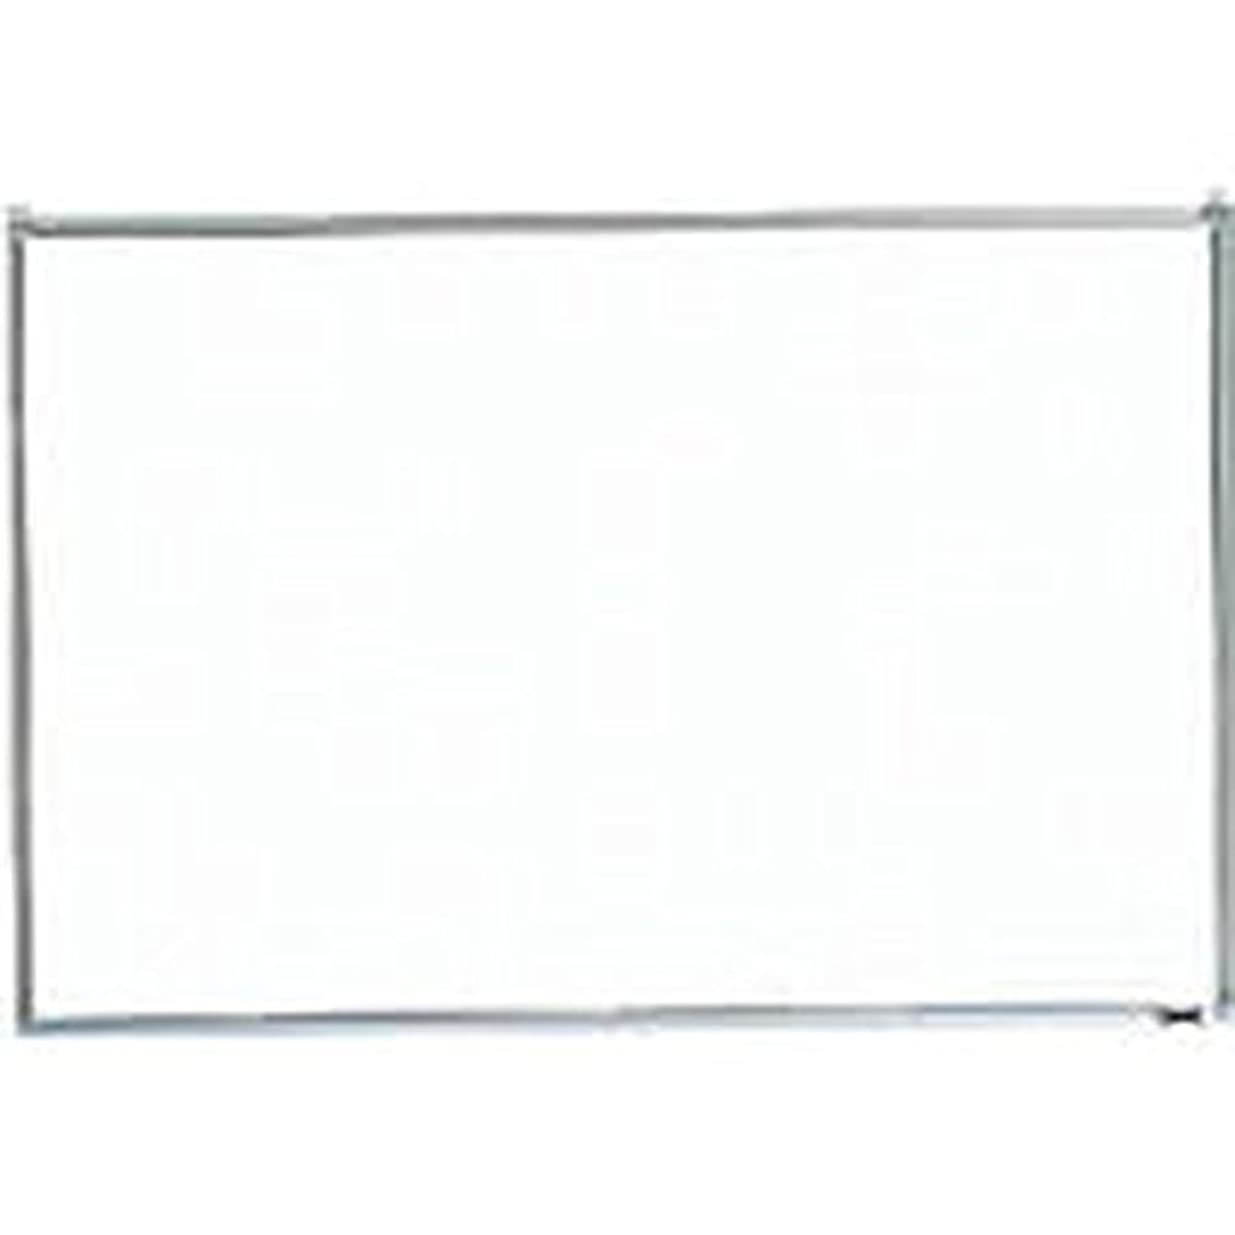 地獄一見他の場所TRUSCO(トラスコ) スチール製ホワイトボード 白暗線入 900×1800 GH-102A